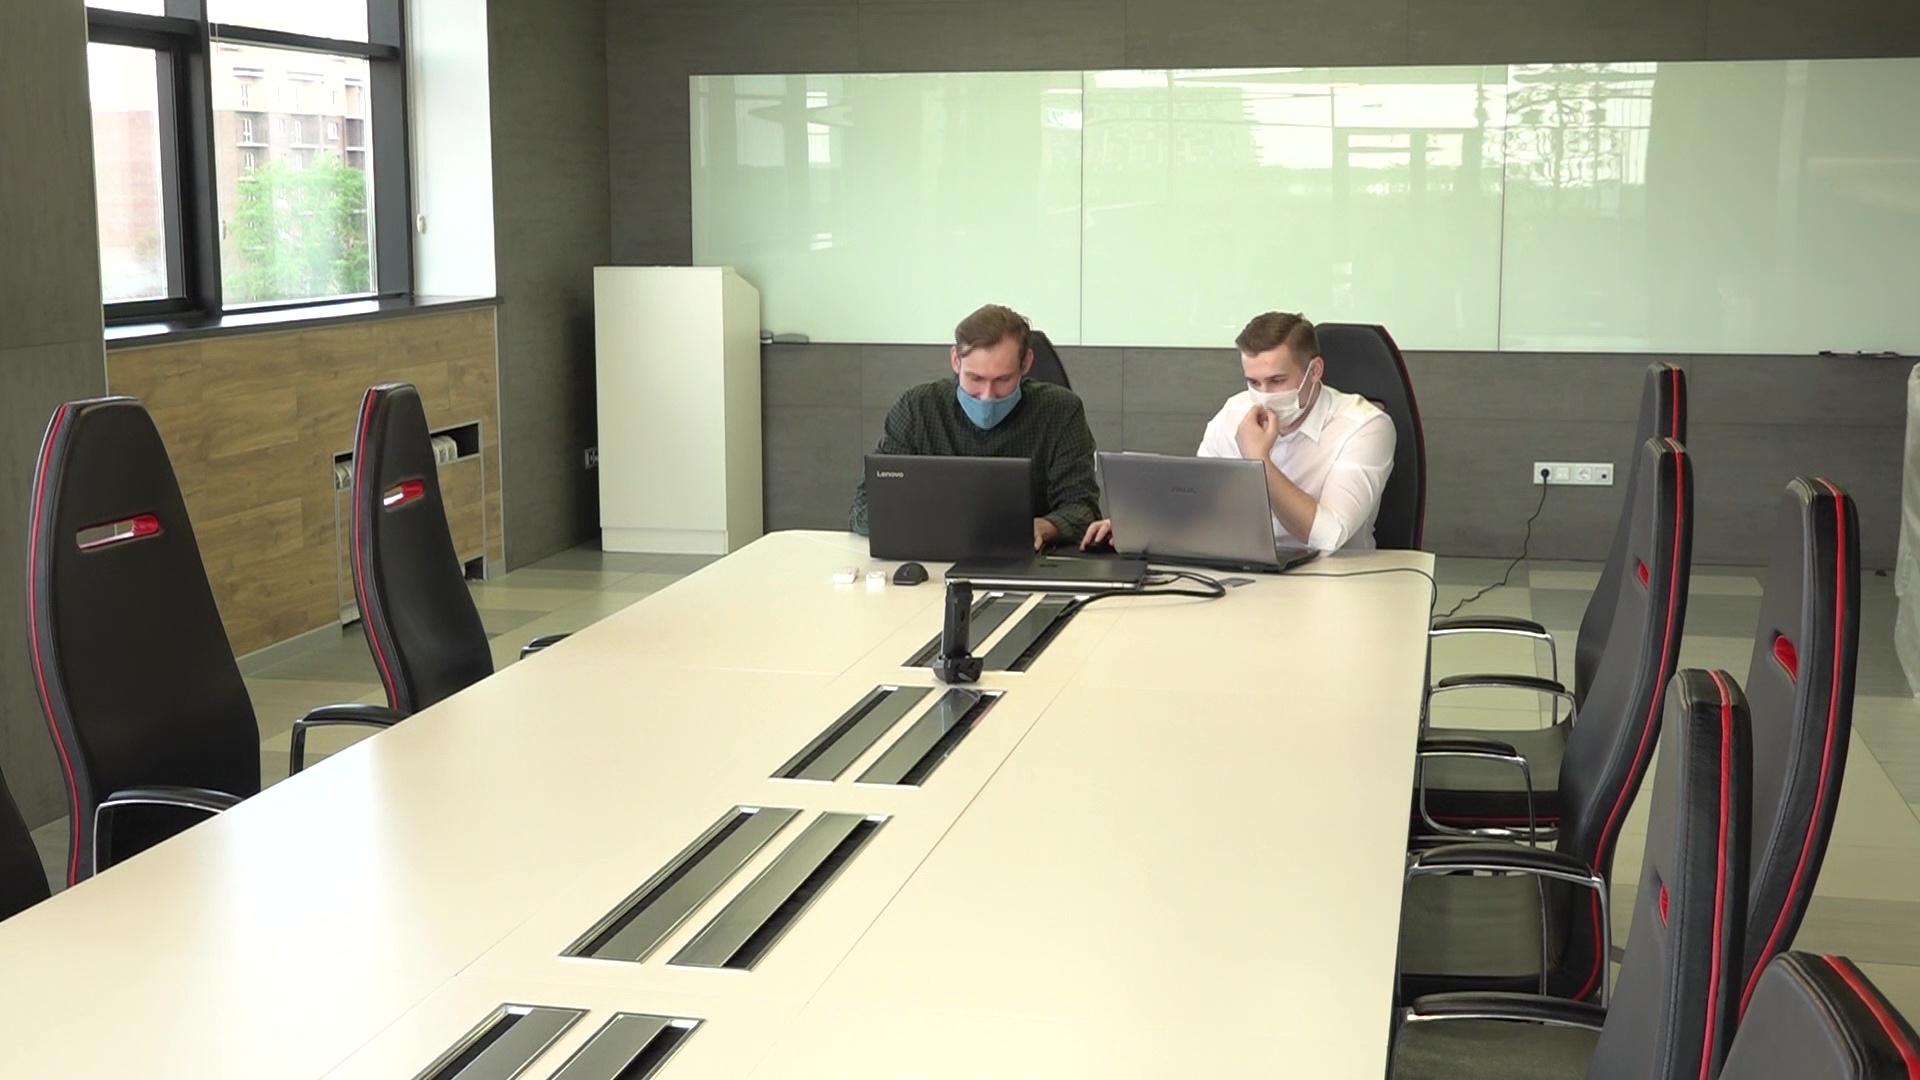 Ярославские разработчики делают сервис поиска жилья, который может вытеснить риэлторов